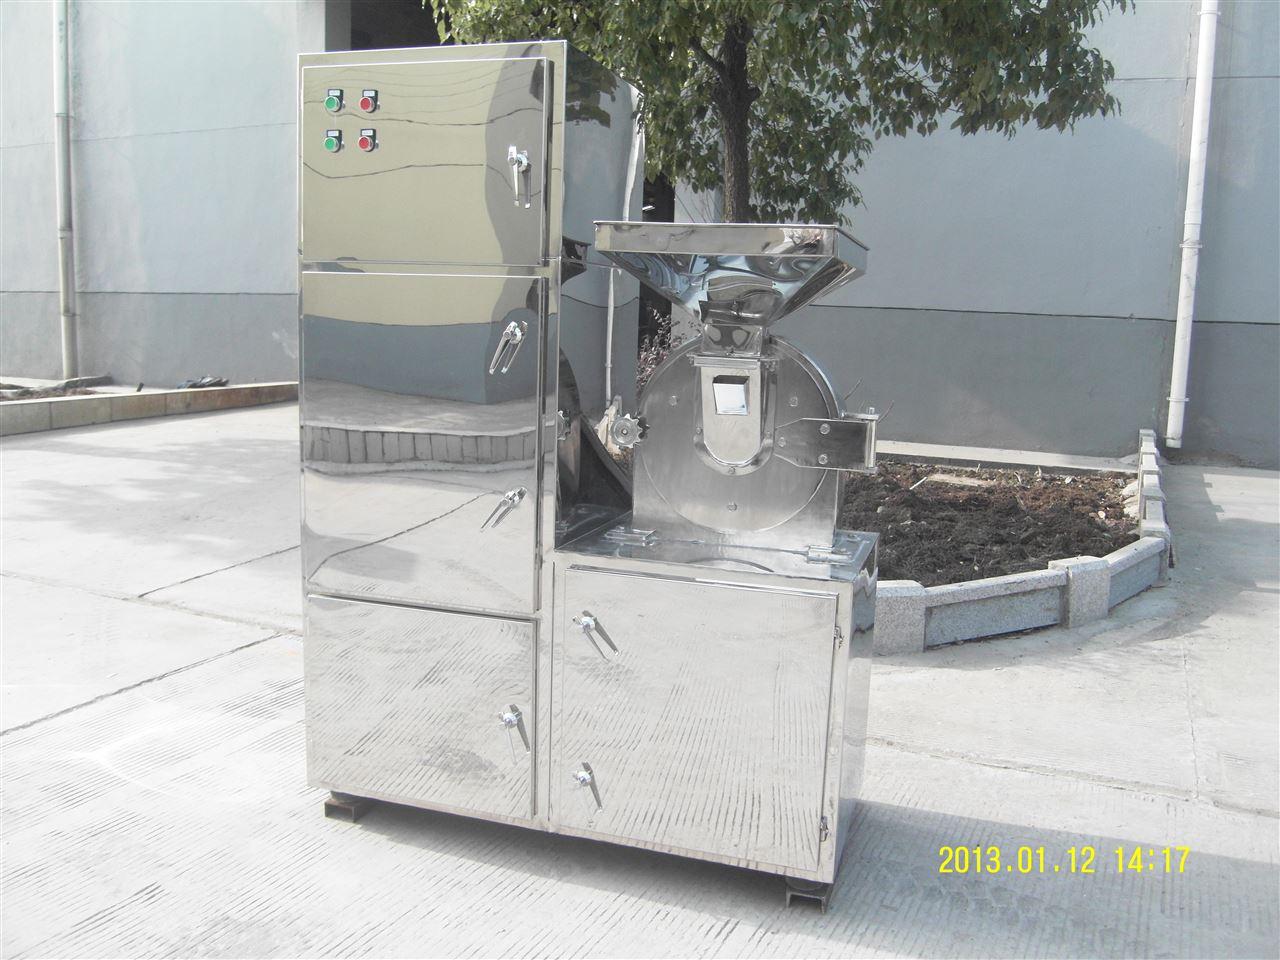 想知道多功能粉碎机是如何取代传统粉碎机的吗?